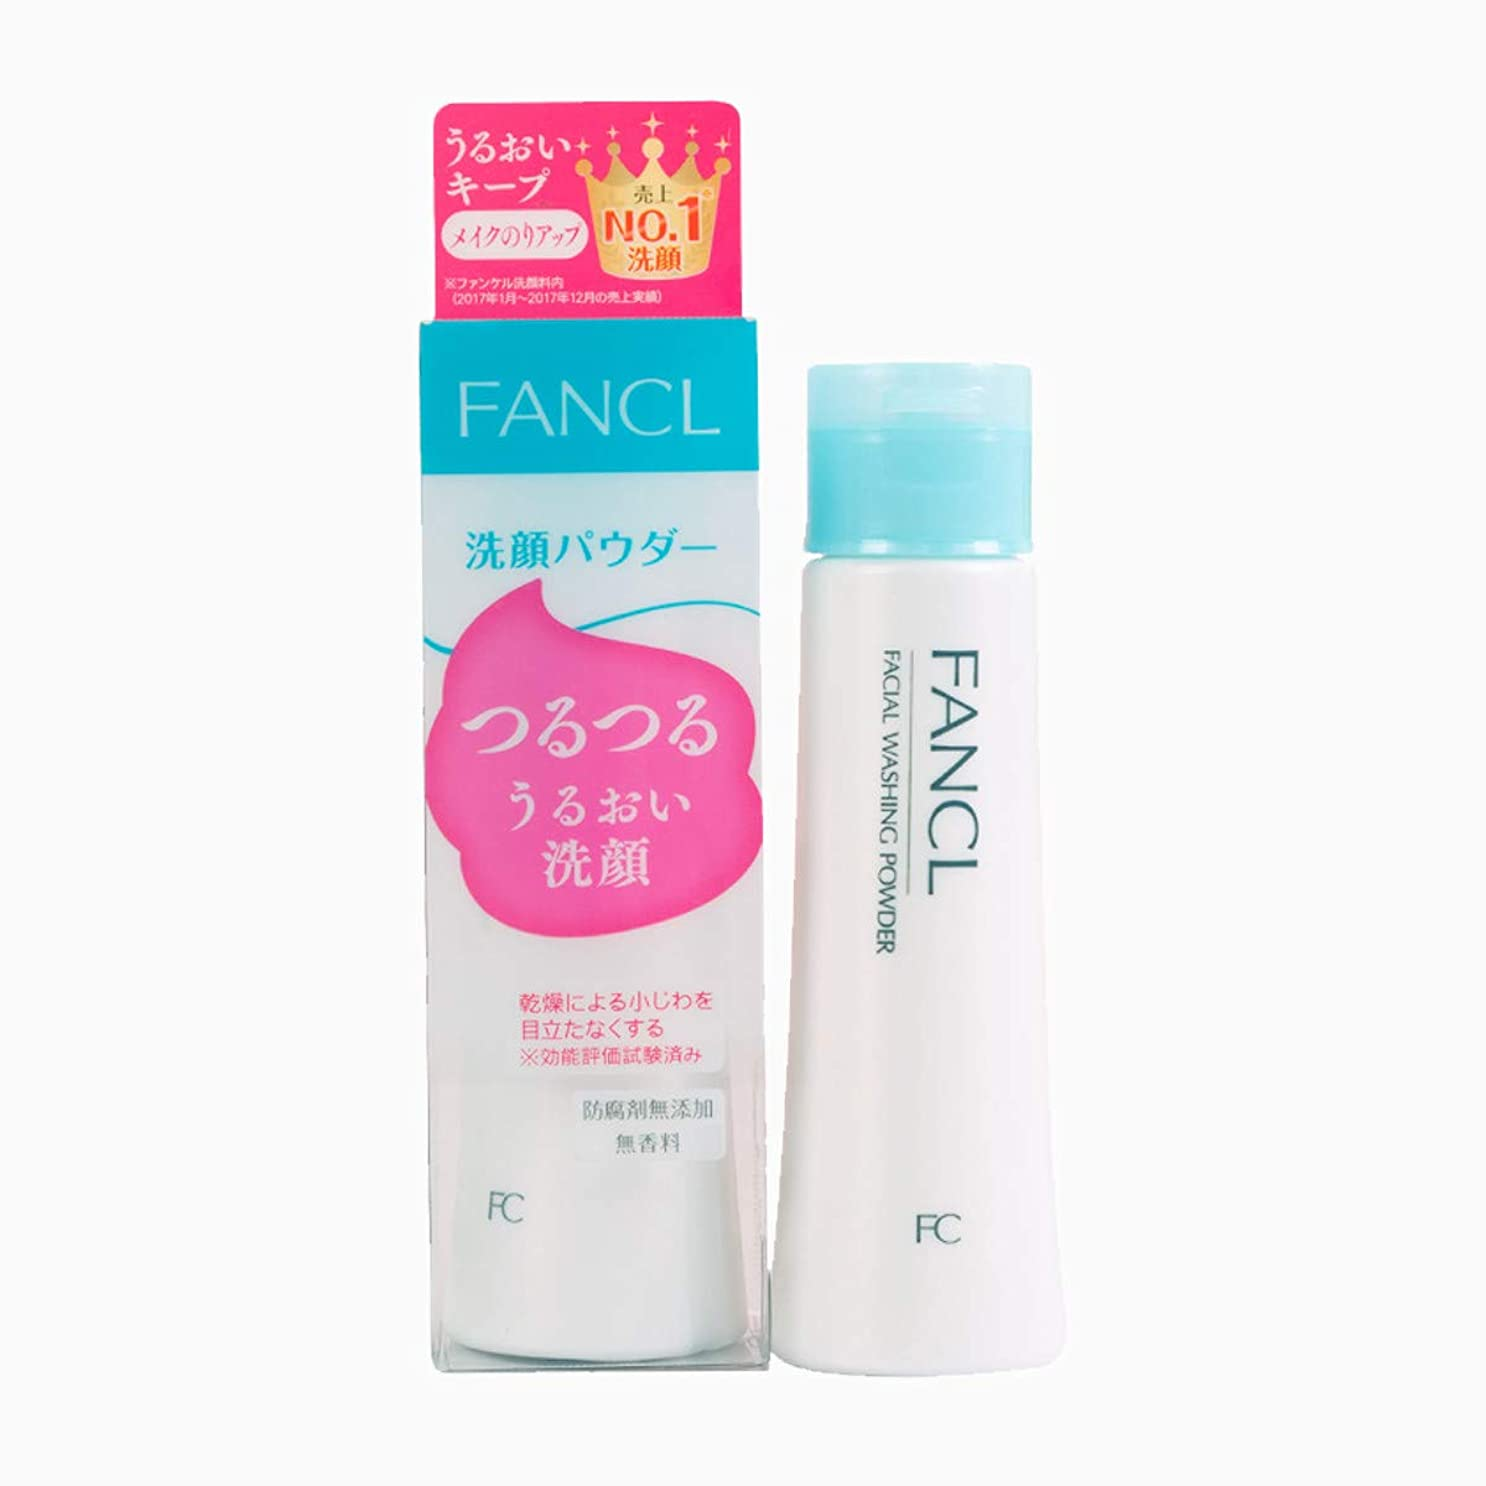 ビームペストファーザーファージュFANCL ファンケル 洗顔パウダー 50g【24入りケース】